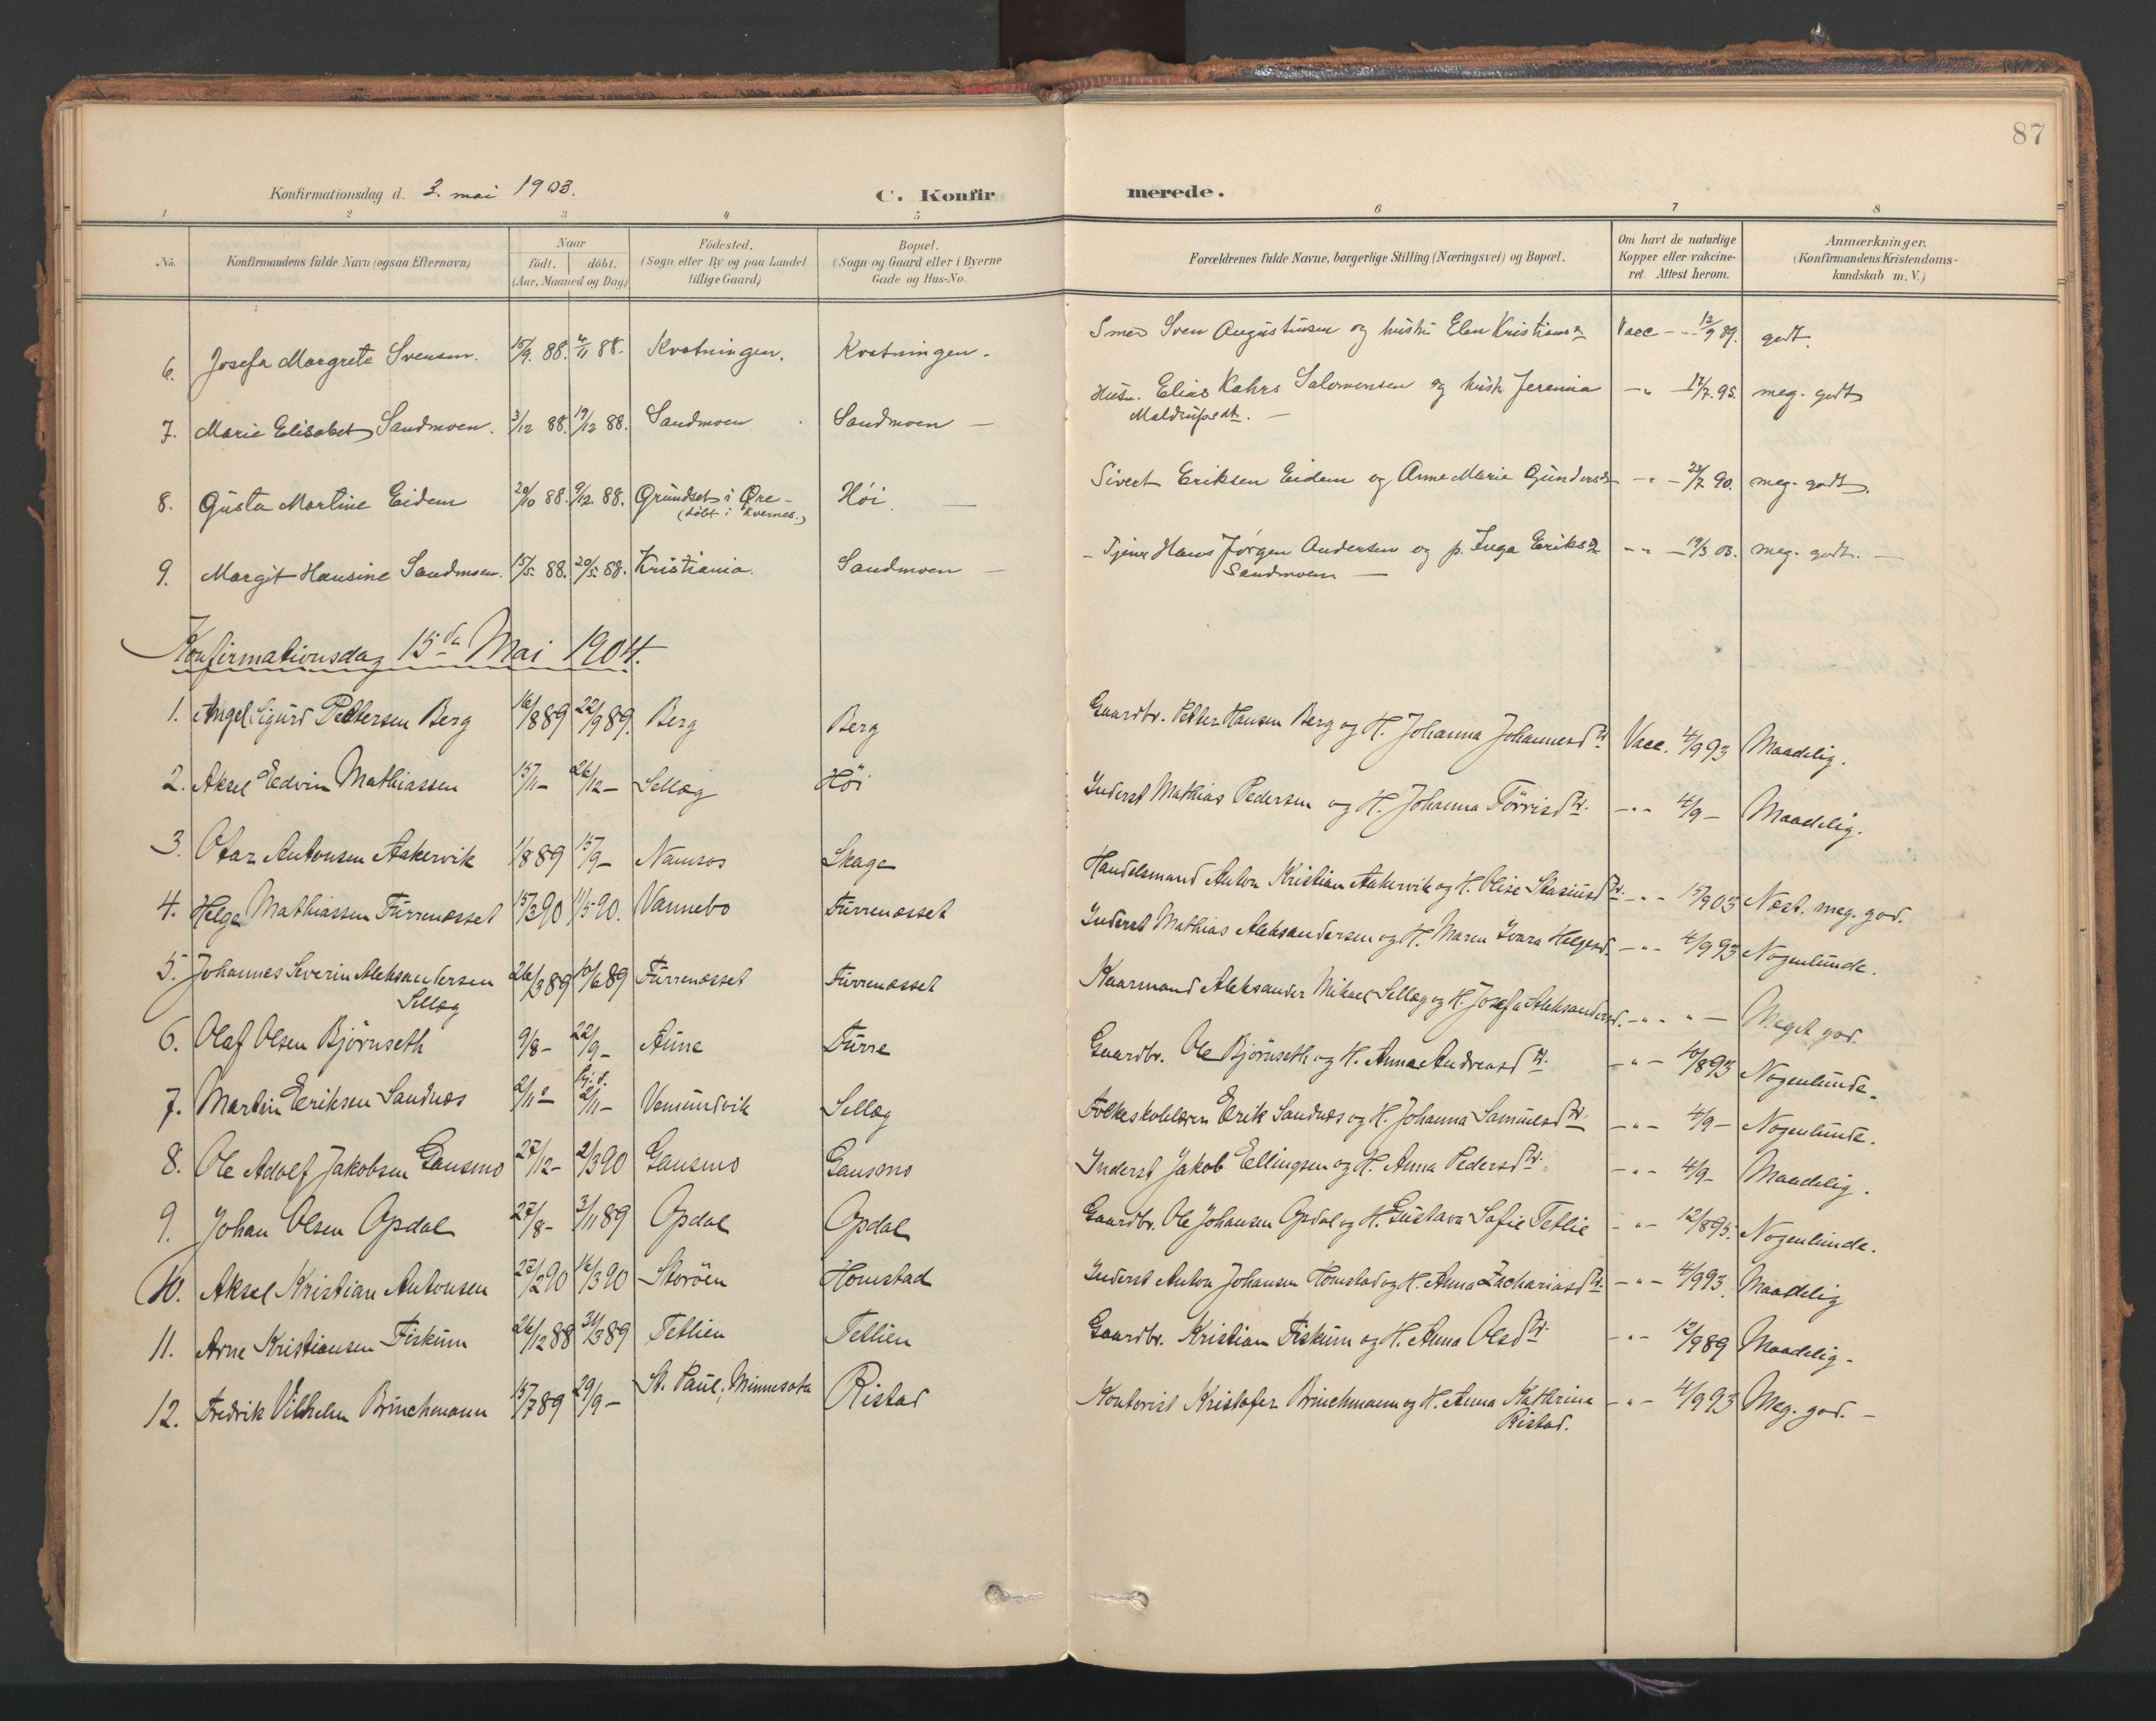 SAT, Ministerialprotokoller, klokkerbøker og fødselsregistre - Nord-Trøndelag, 766/L0564: Ministerialbok nr. 767A02, 1900-1932, s. 87